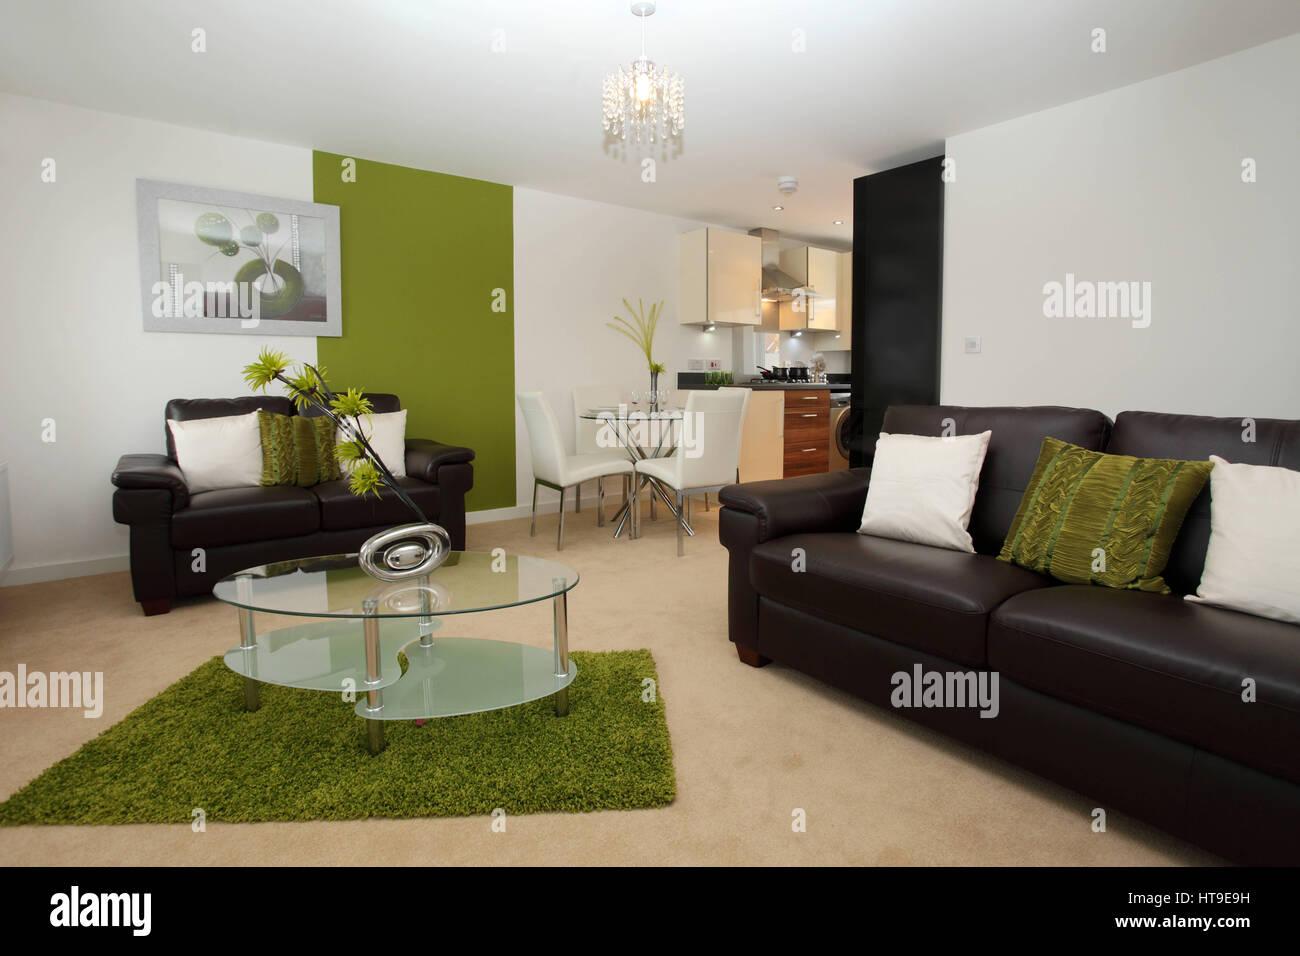 Wohnung Interieur Moderne Lounge Kuche Esszimmer Wohnzimmer Raum